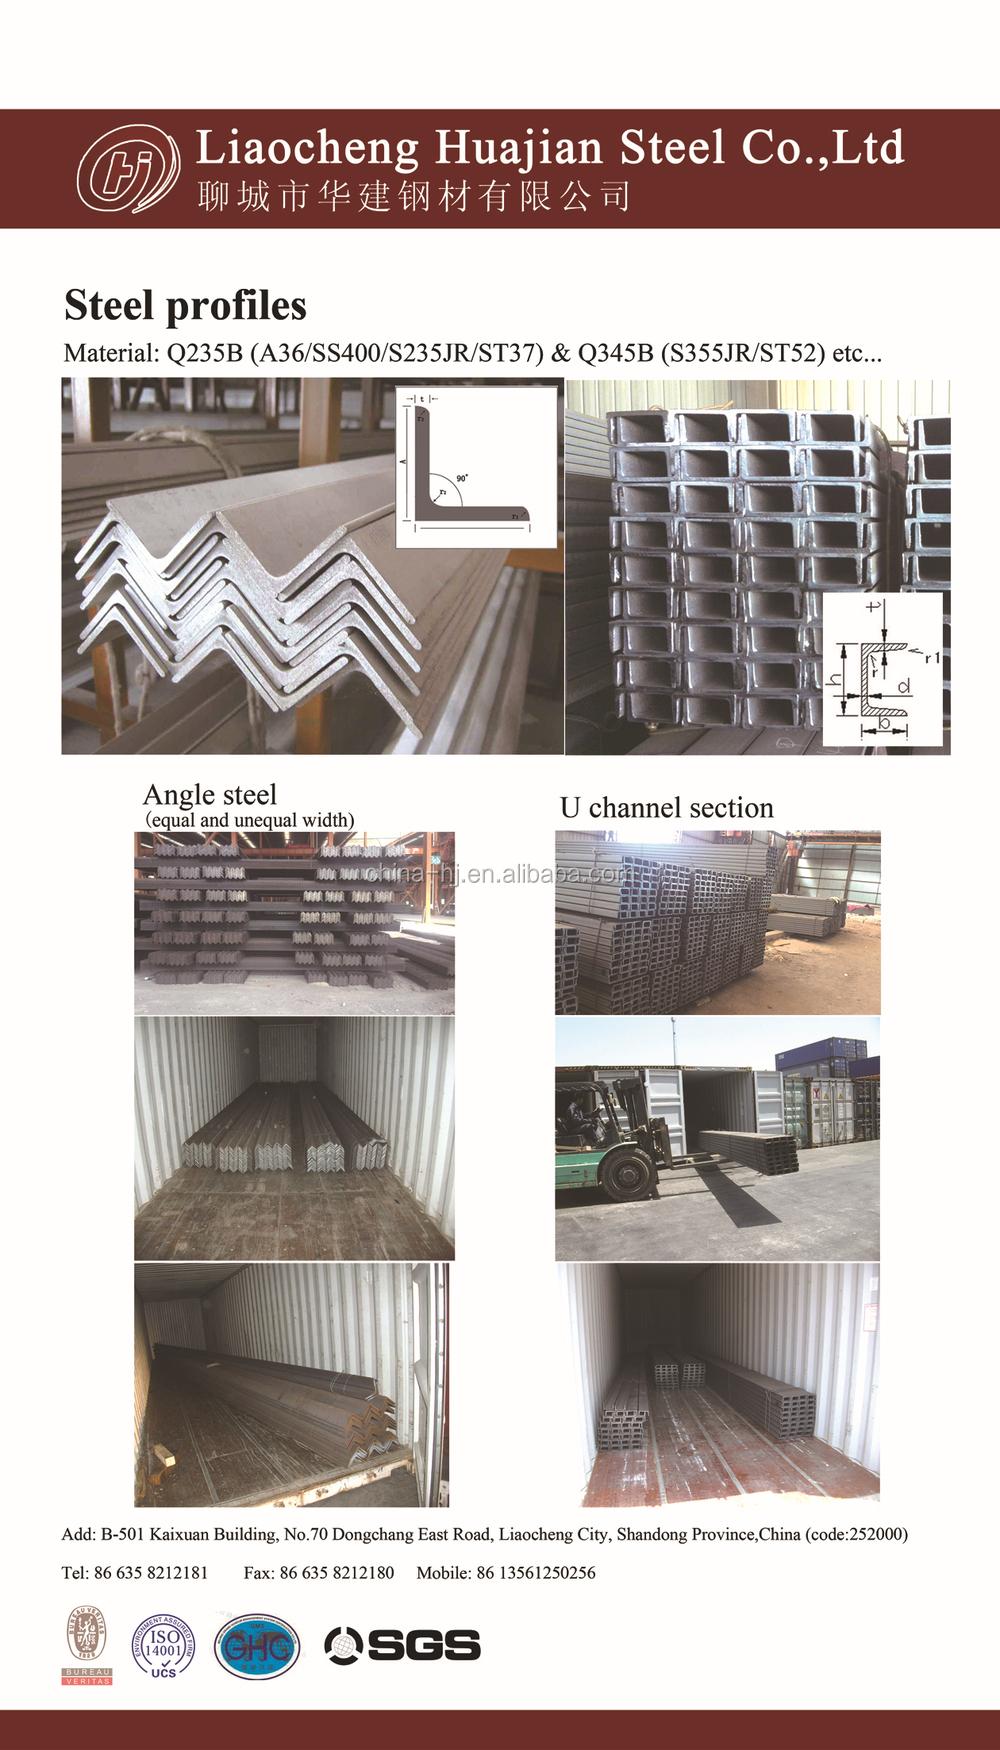 Preço por tonelada de peso do ferro de ângulo de aço laminados a quente igual Q235B SS400 ST37 material